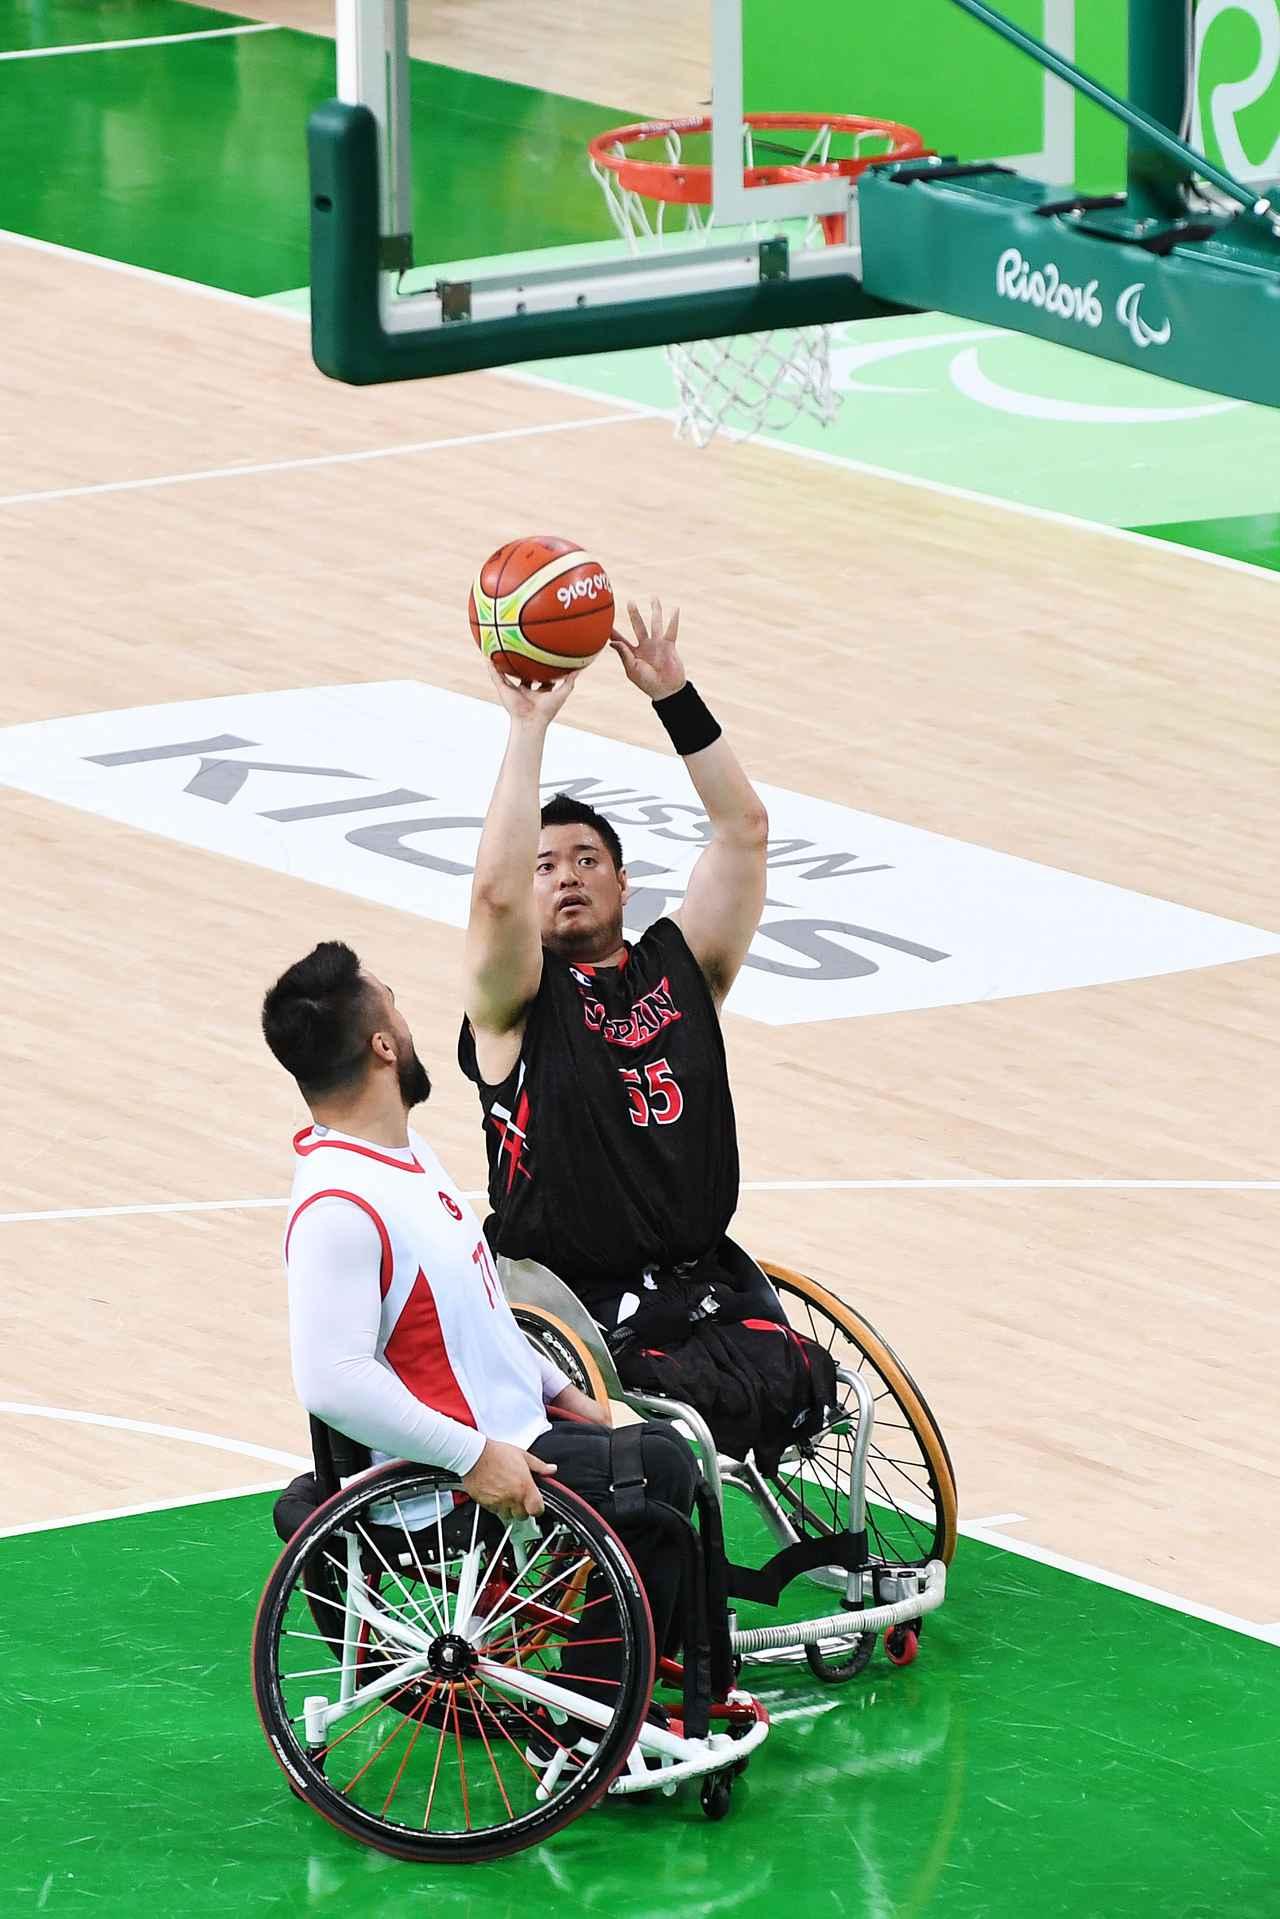 画像2: リオデジャネイロ2016パラリンピックでの香西選手 Ⓒ2016 - IPC/[ Atsushi Tomura/Getty Images Sport /] - All rights reserved  Rio 2016 Paralympic Games